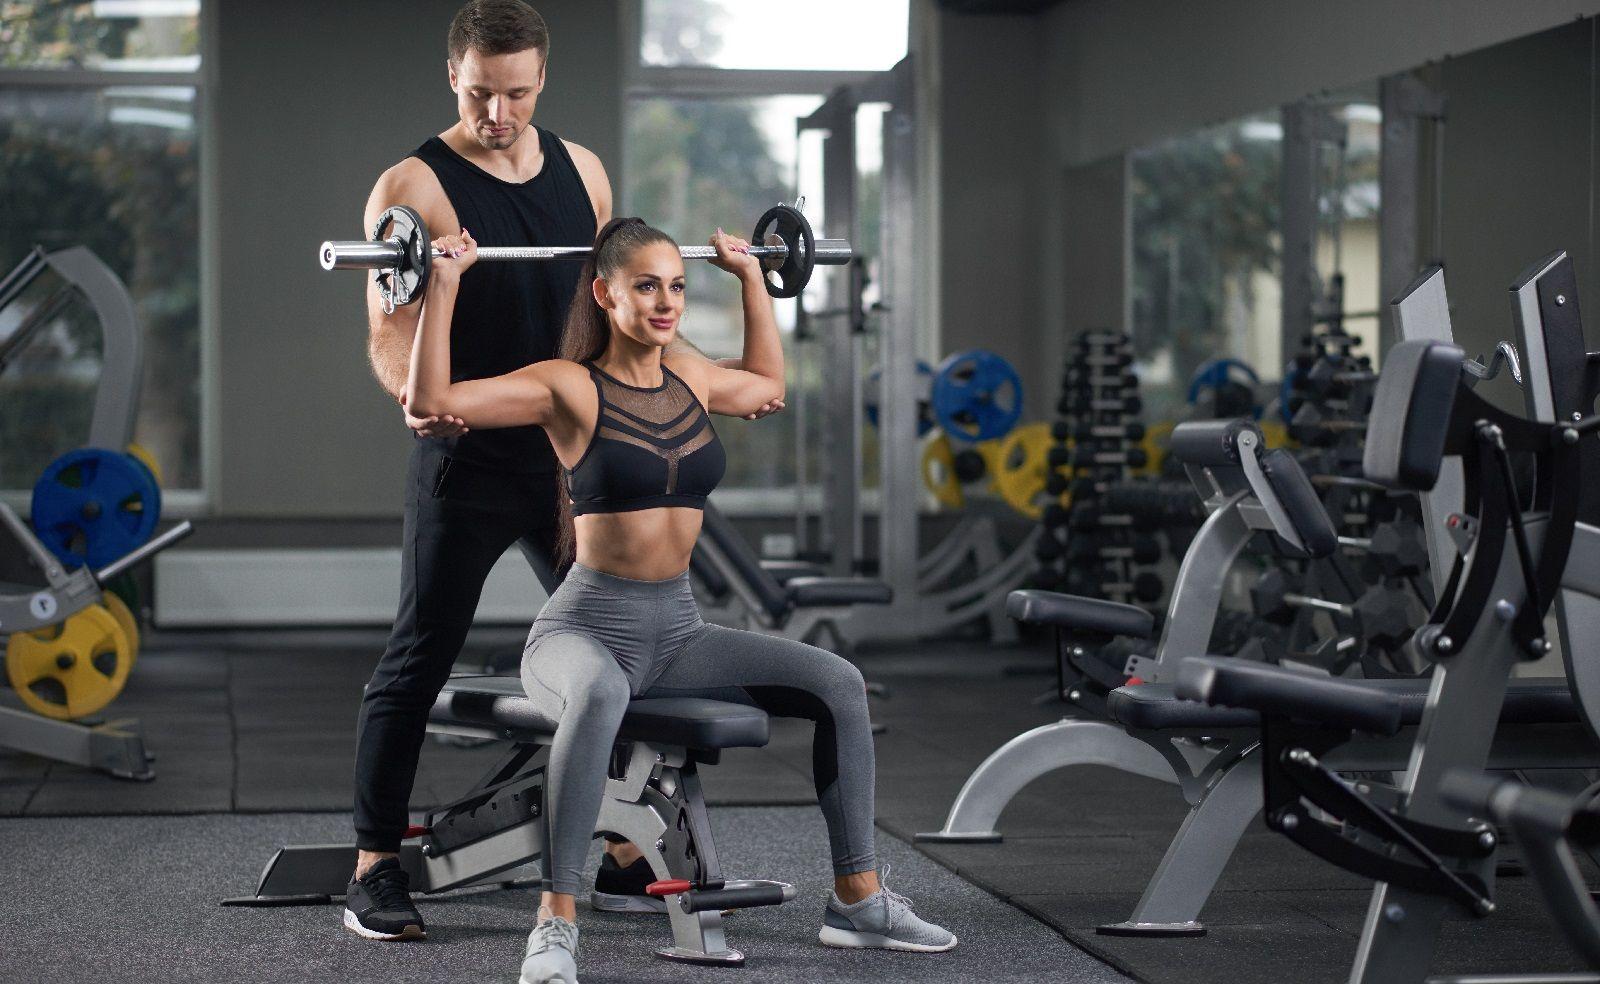 wholesale gym clothes brisbane